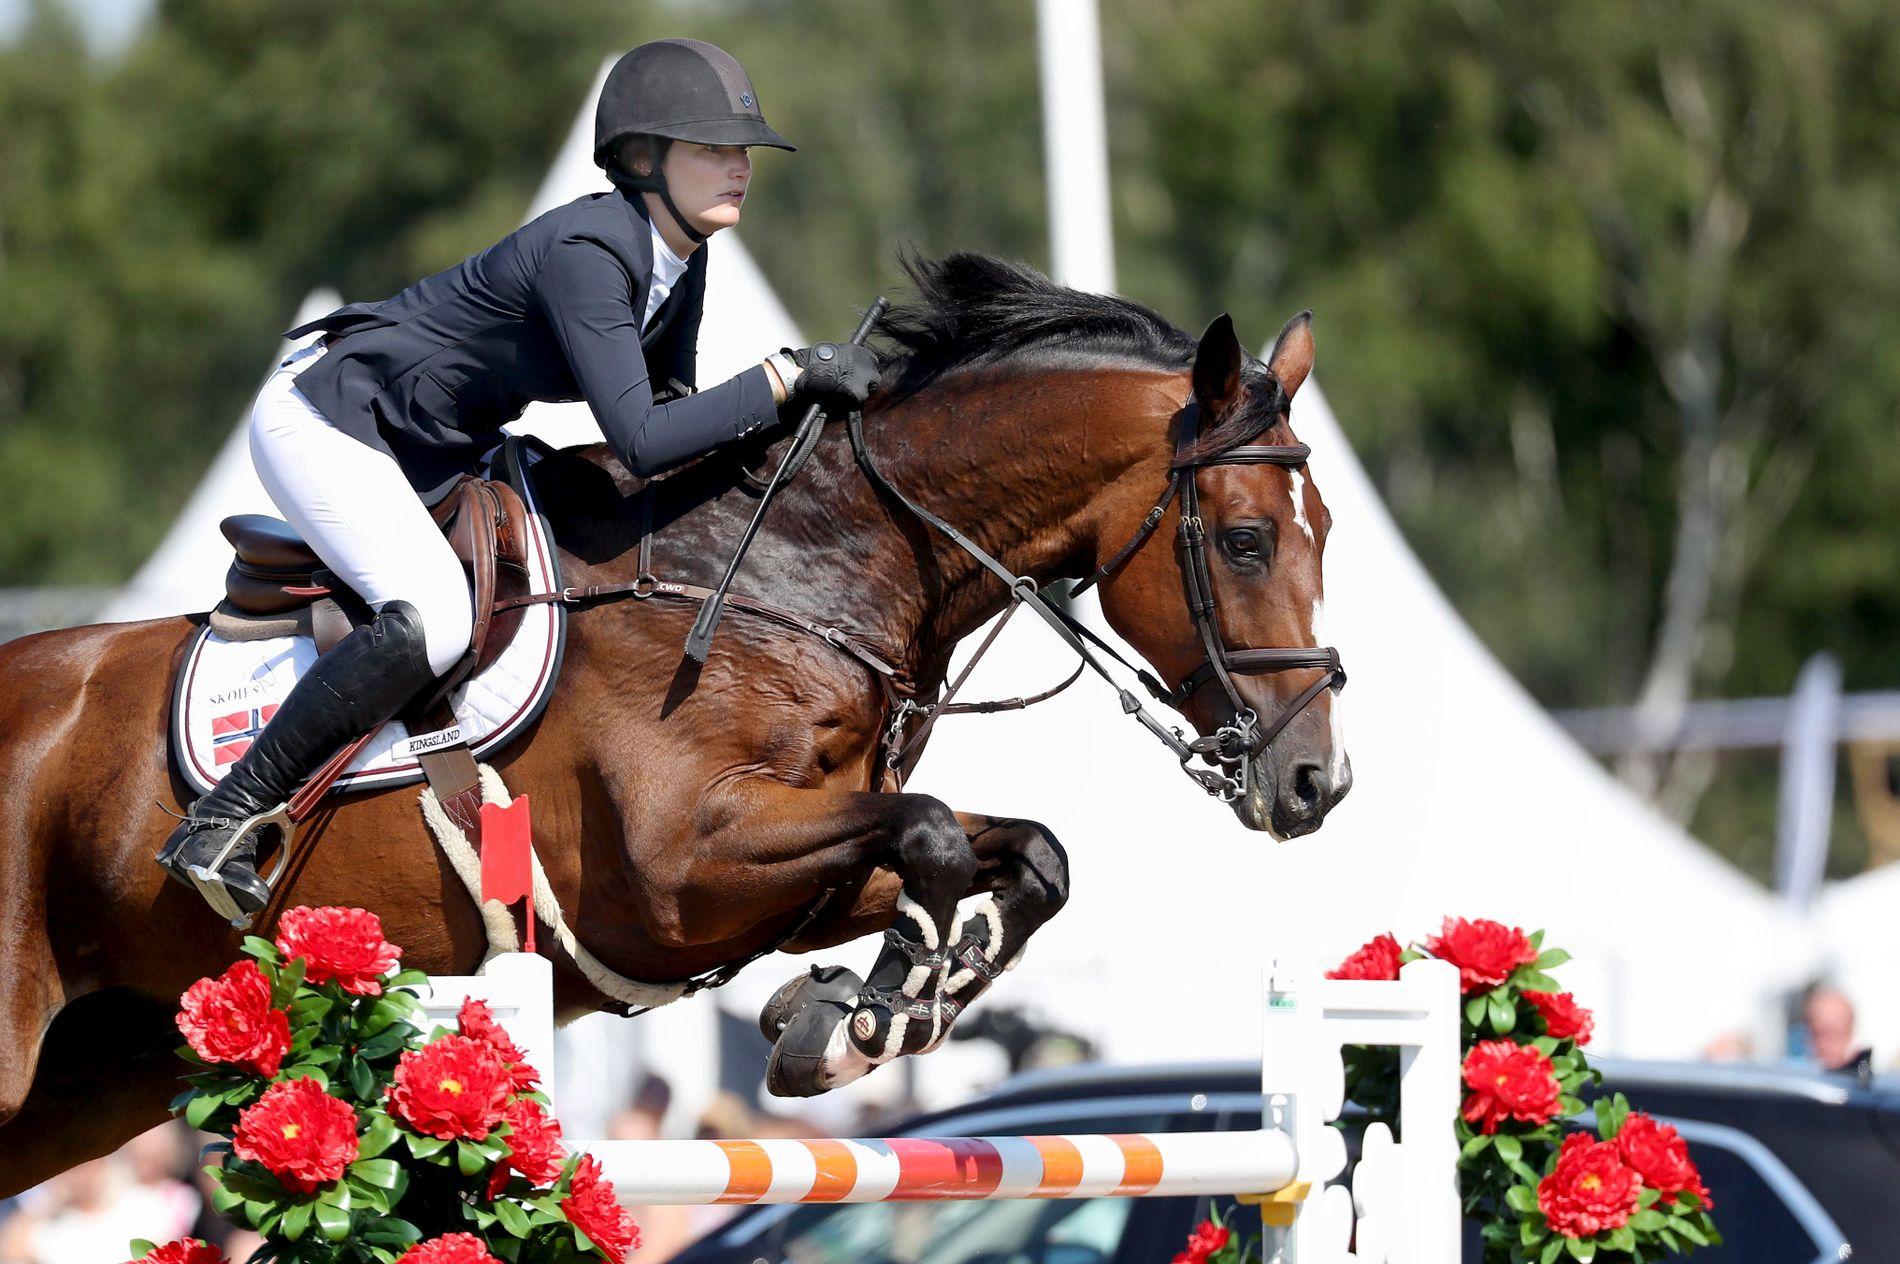 PROVOSERTE PUBLIKUM: Publikum i svenske Falsterbo snudde seg mot Cecilie Hatteland, etter at hun brukte pisken på hesten Alex.